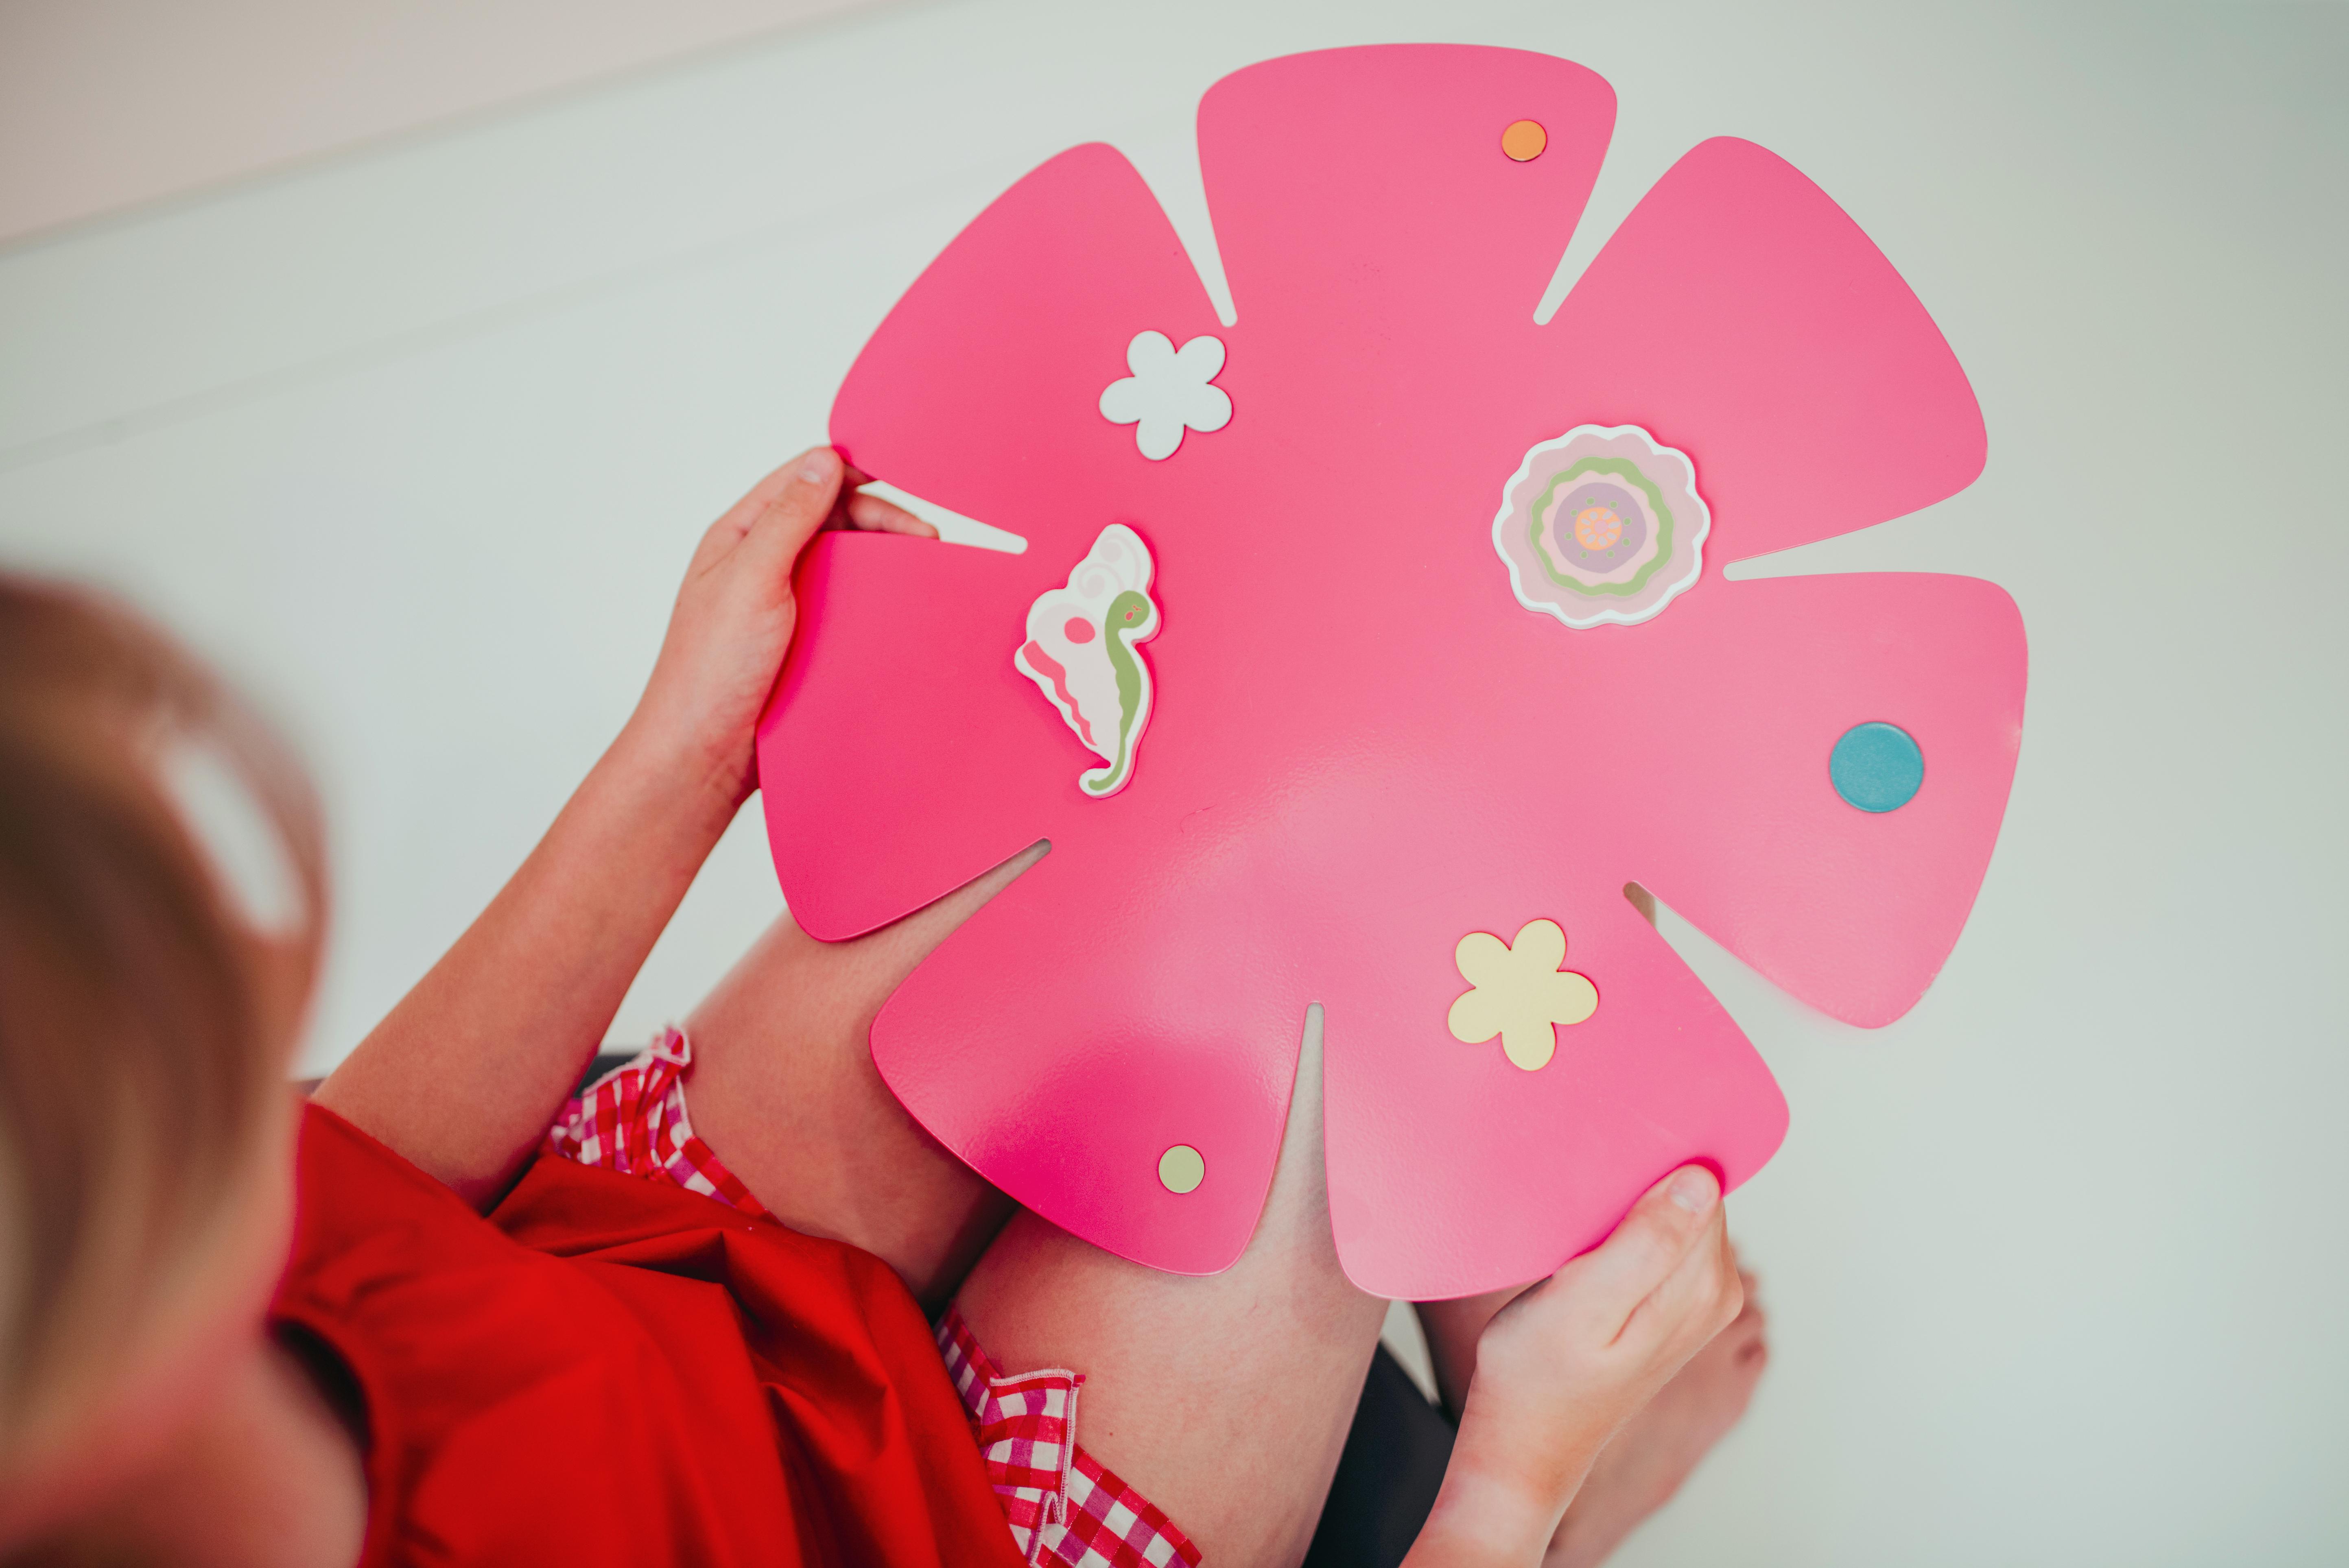 19_Magnetická tabule ve tvaru květiny_foto Viabel - Lucia Rambousková_repro zdarma